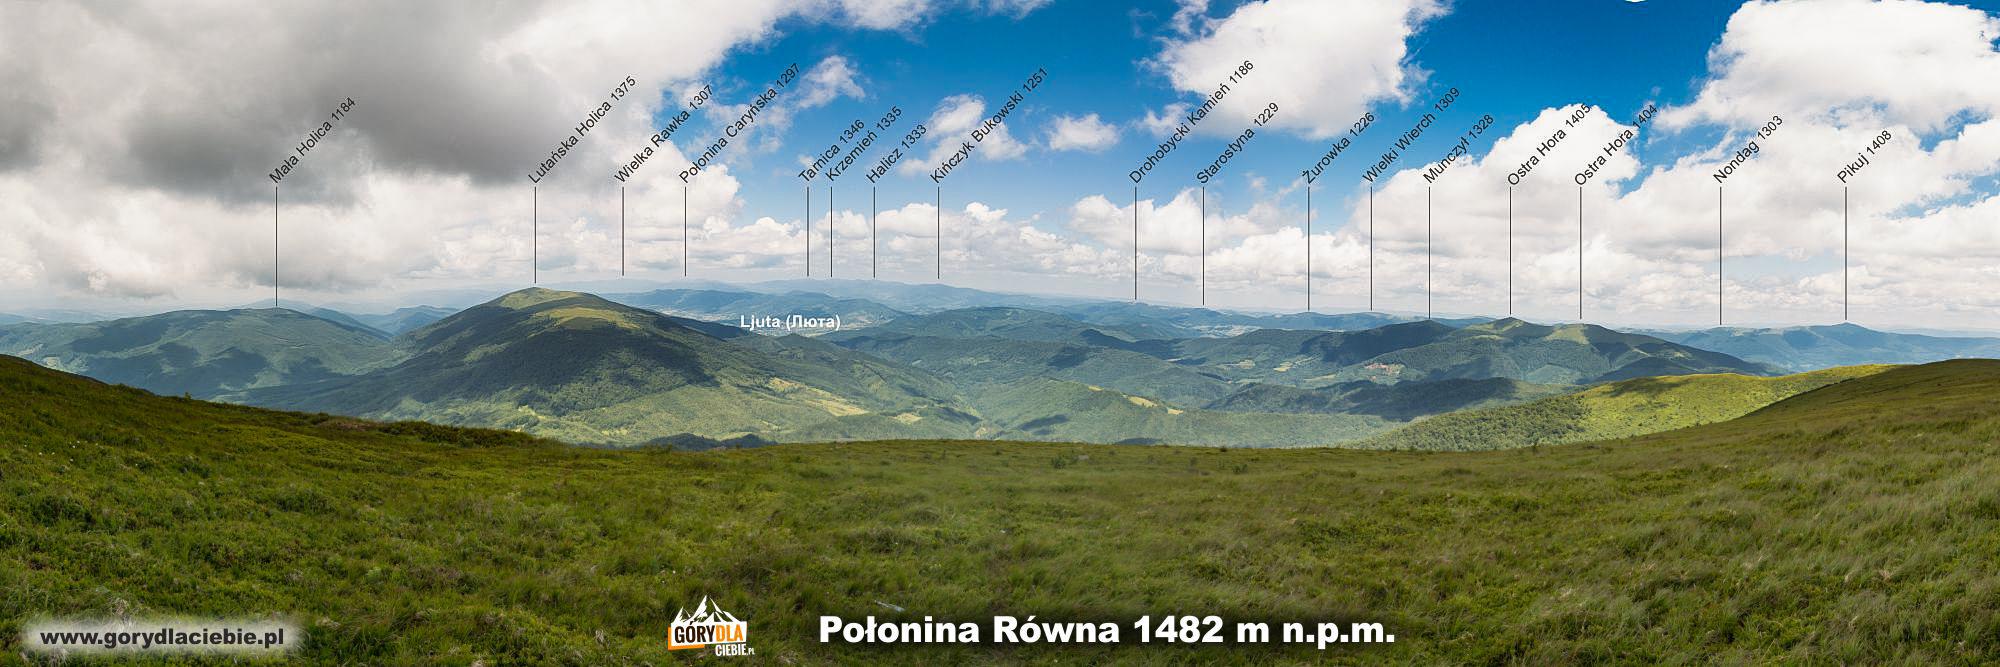 Połonina Równa (1482 m) - panorama zopisem szczytów